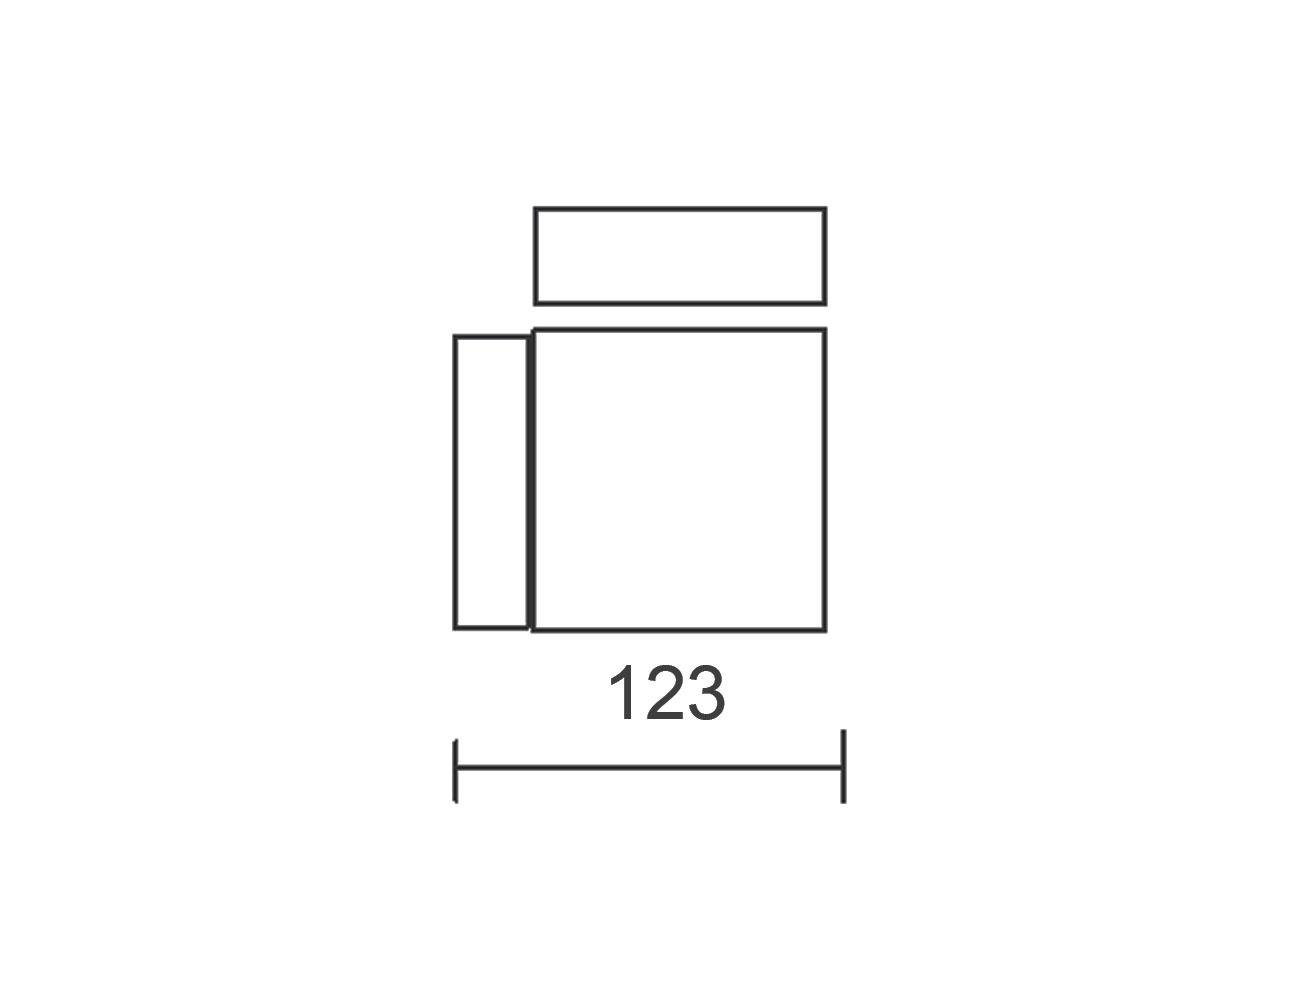 Modulo 1232